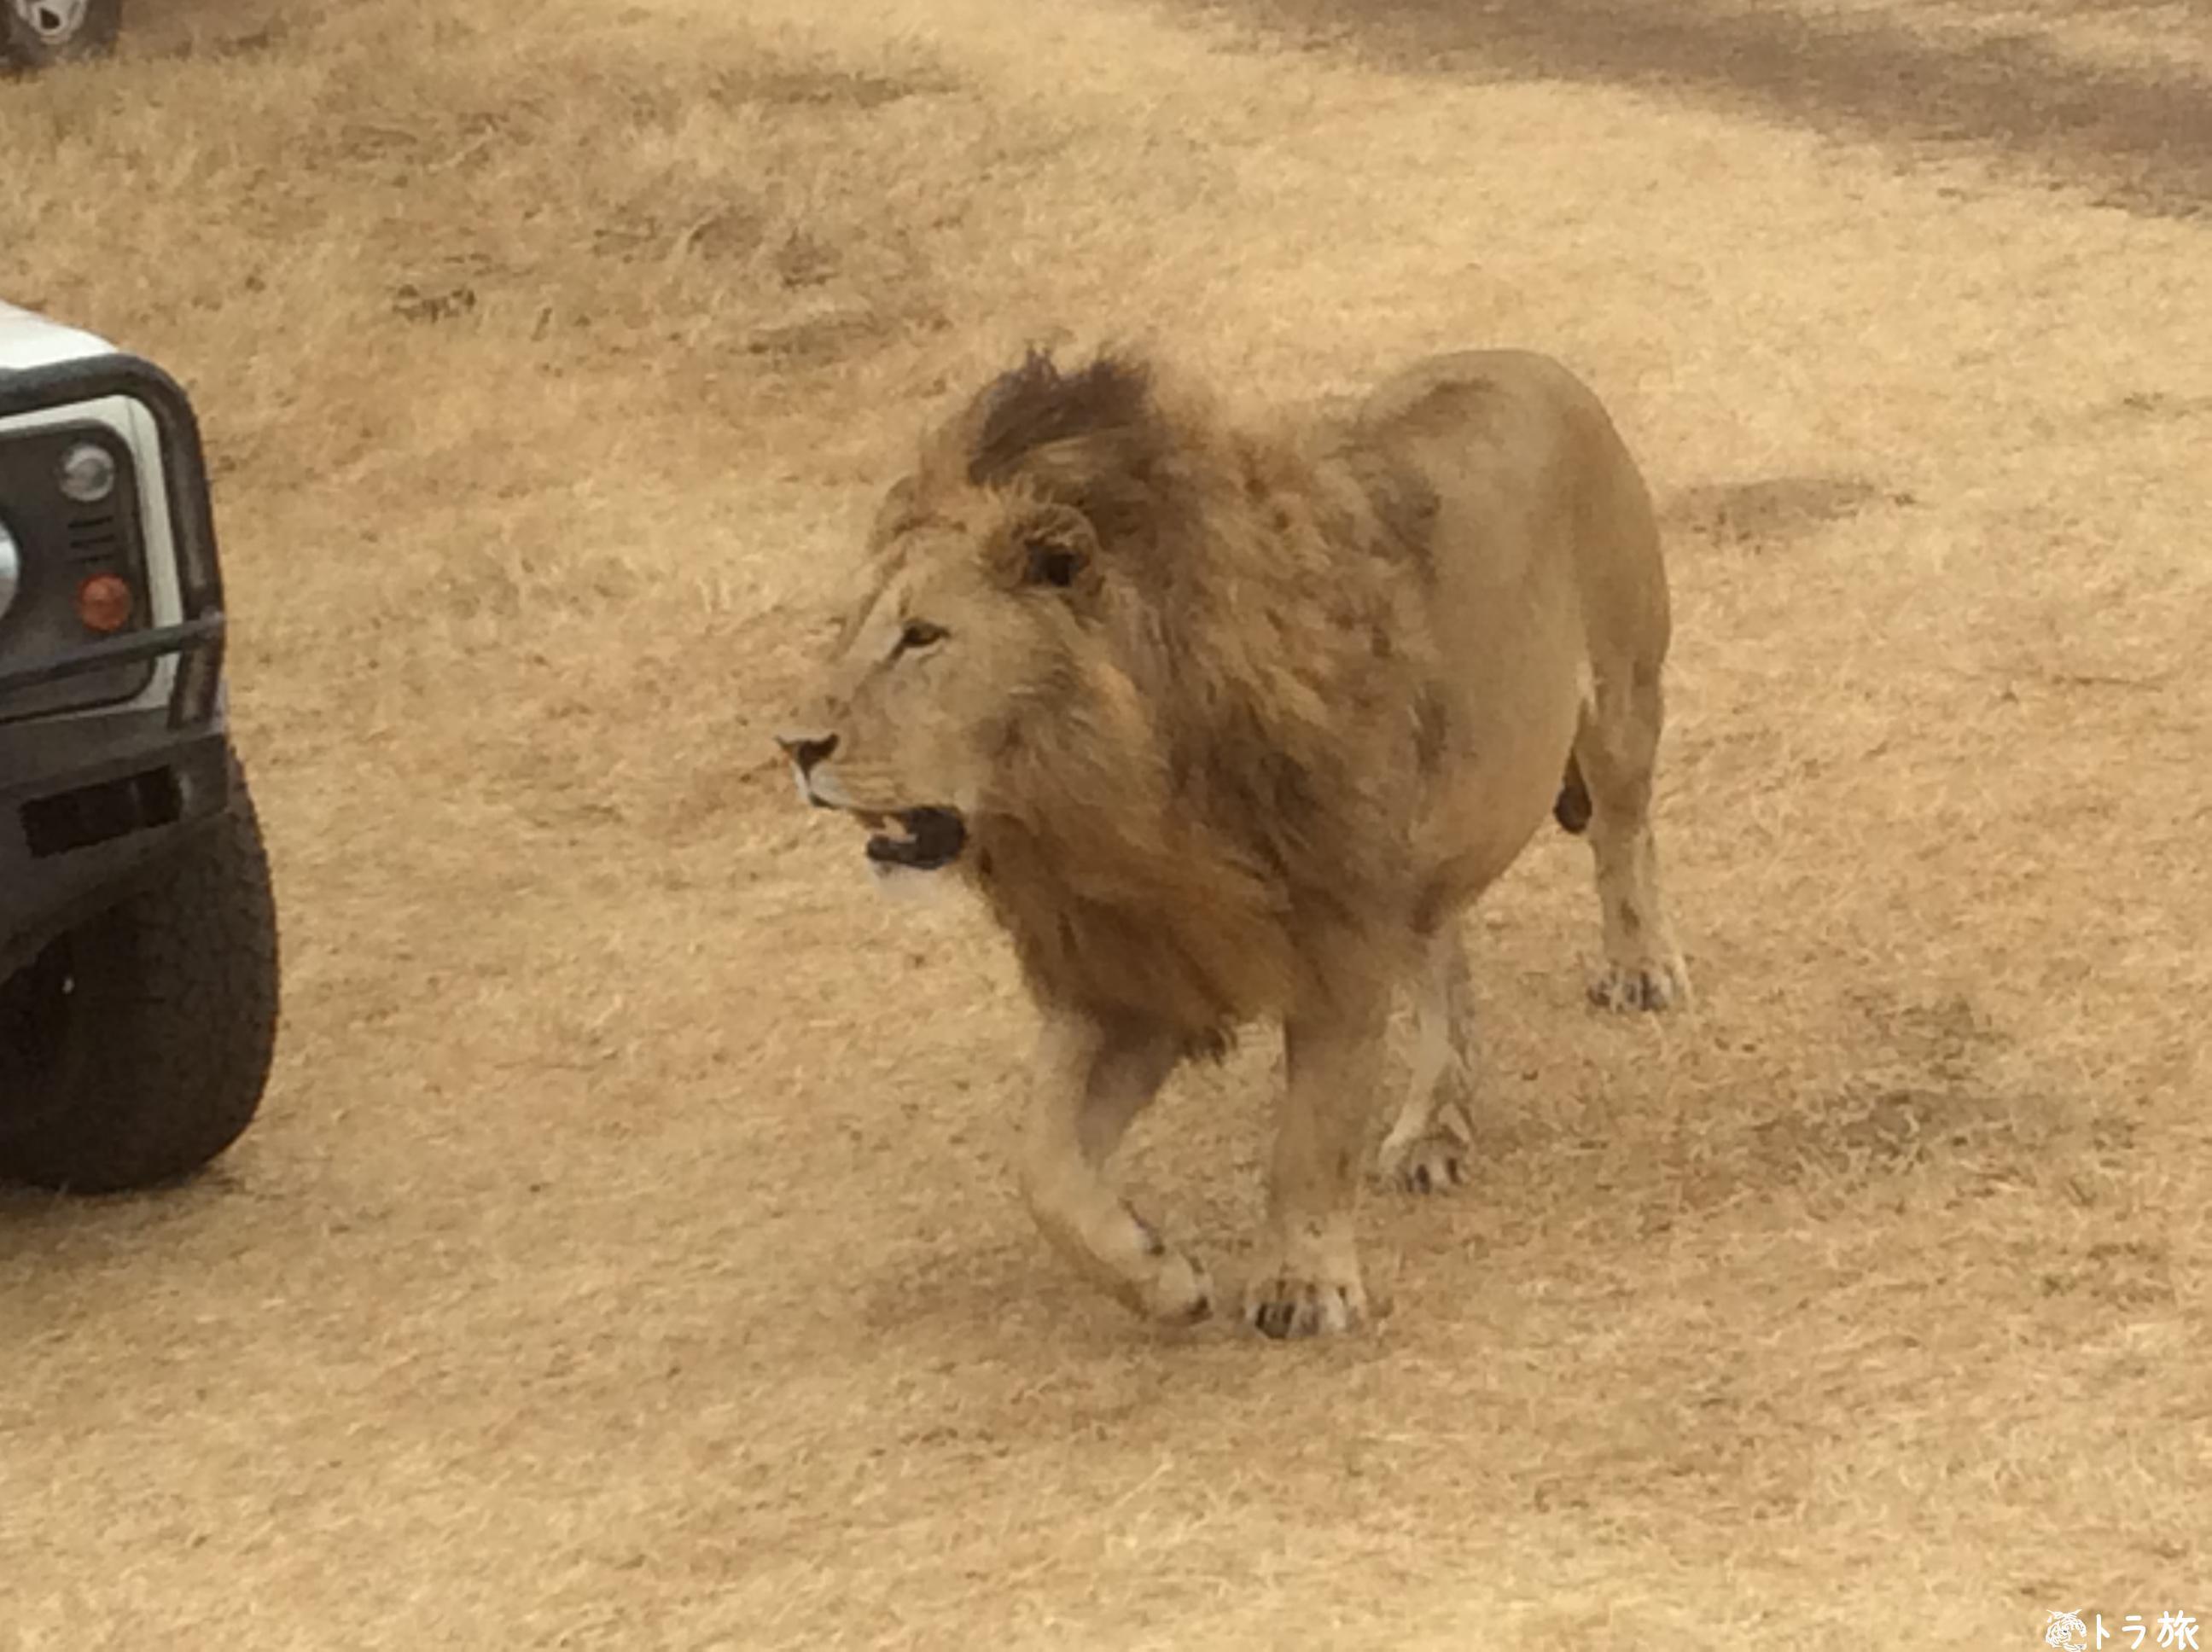 【ンゴロンゴロ】野生のライオンが最も近く見れるサファリ!?